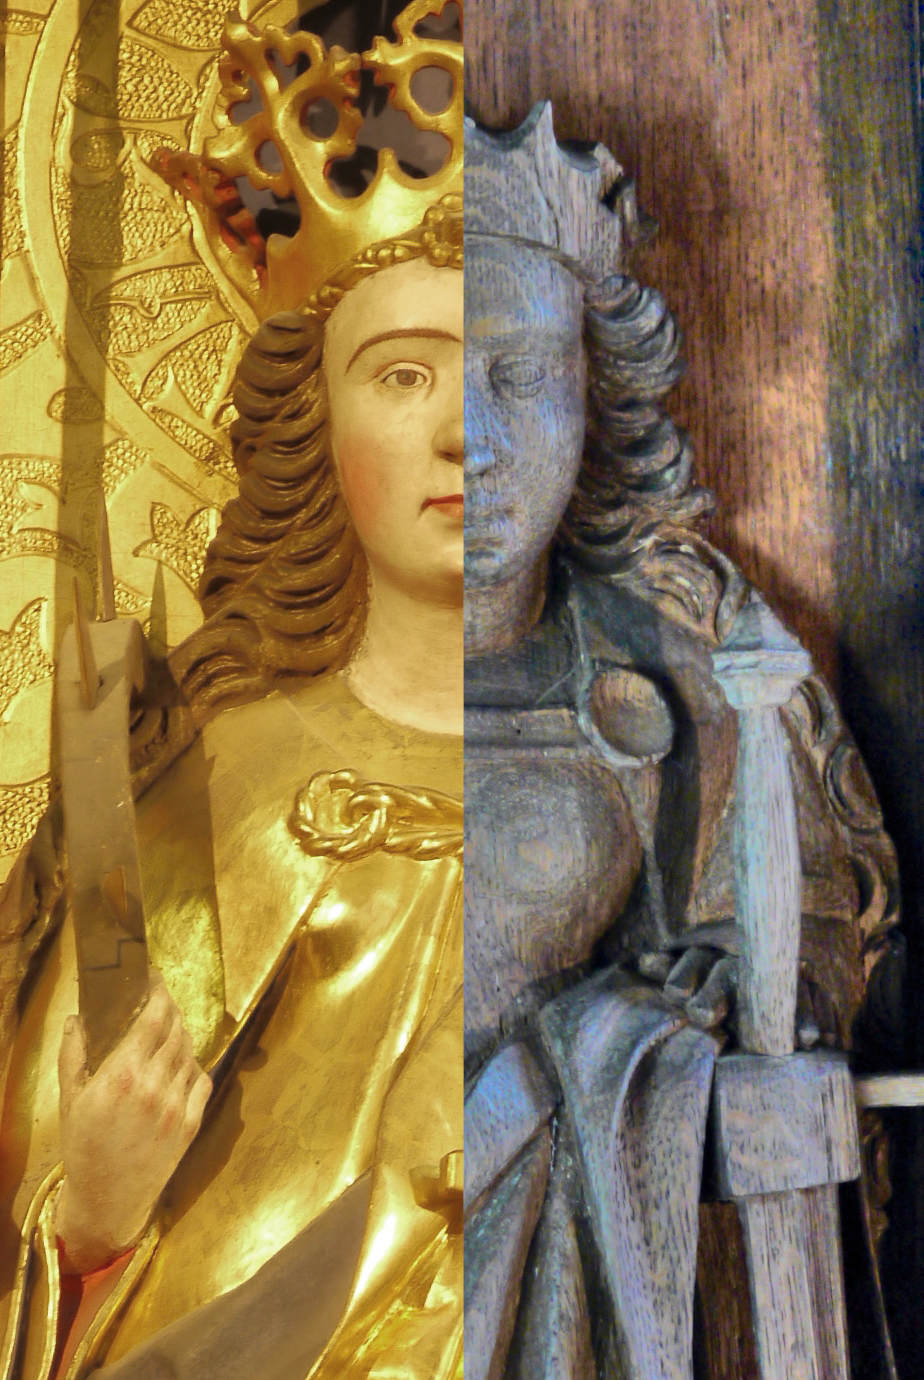 Heilige Katharina von Alexandrien im Dom von Güstrow mit Farbfassung von 1868 montiert mit der Katharina in Stuer, deren Fassung 1688 abgenommen wurde